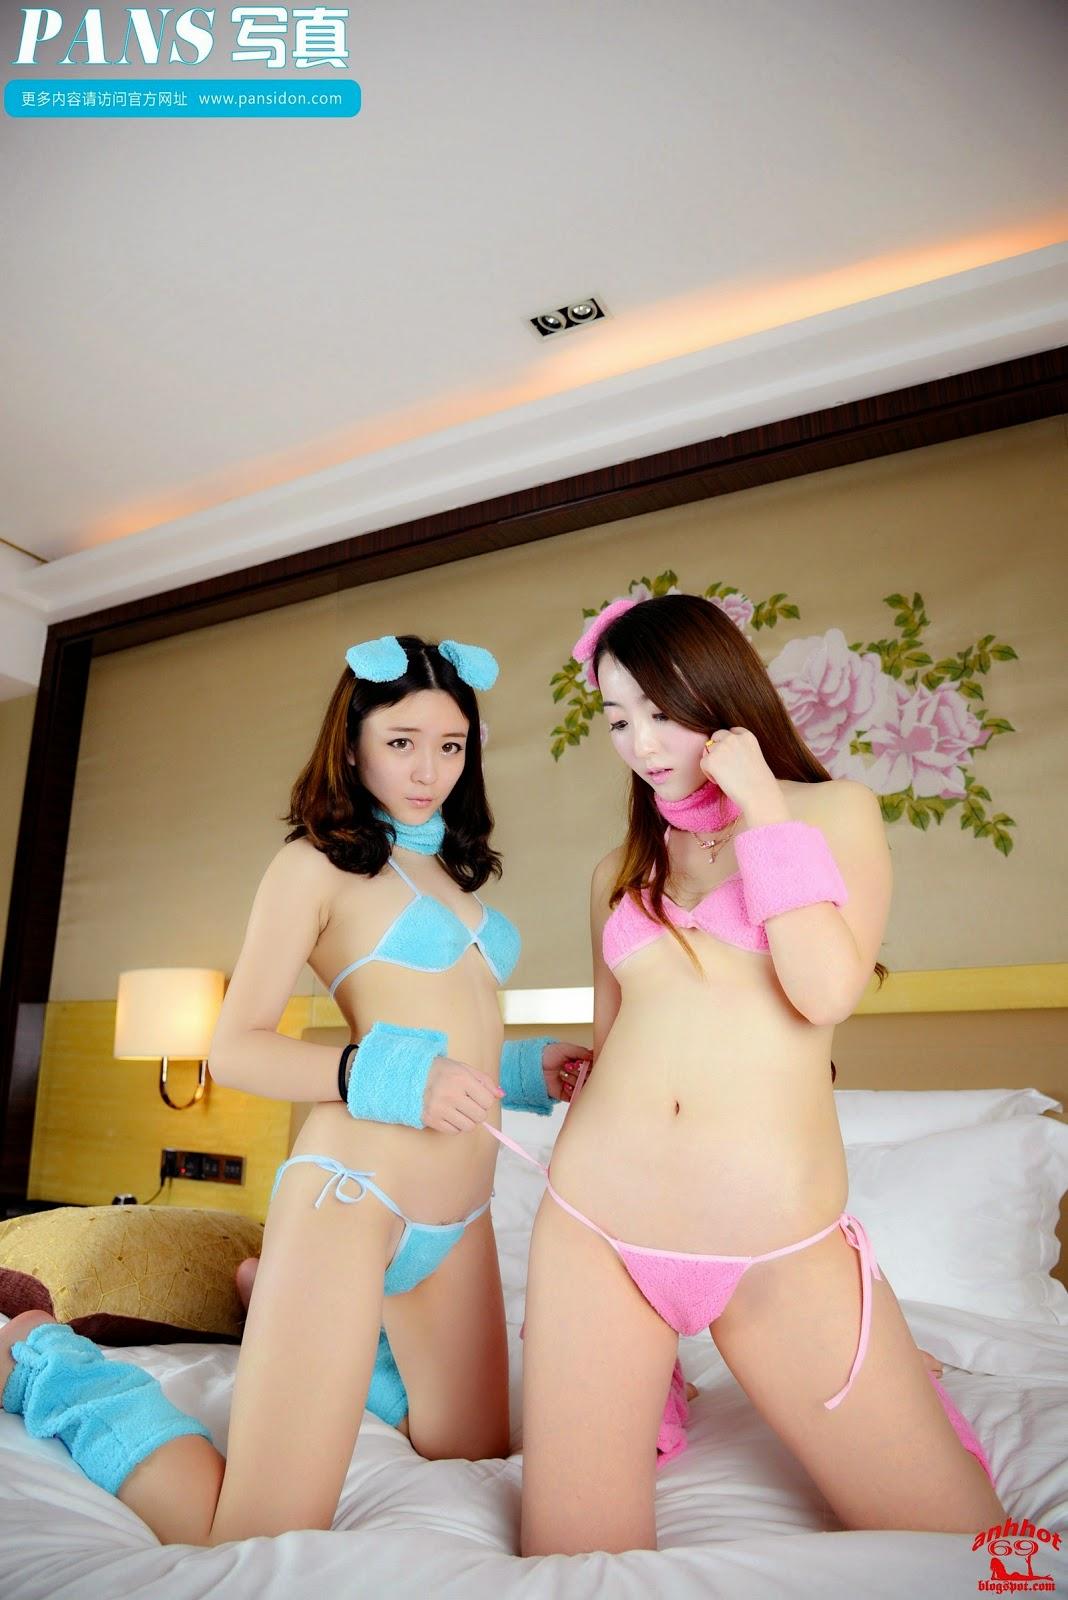 zi_xuan-pansidon-02678673